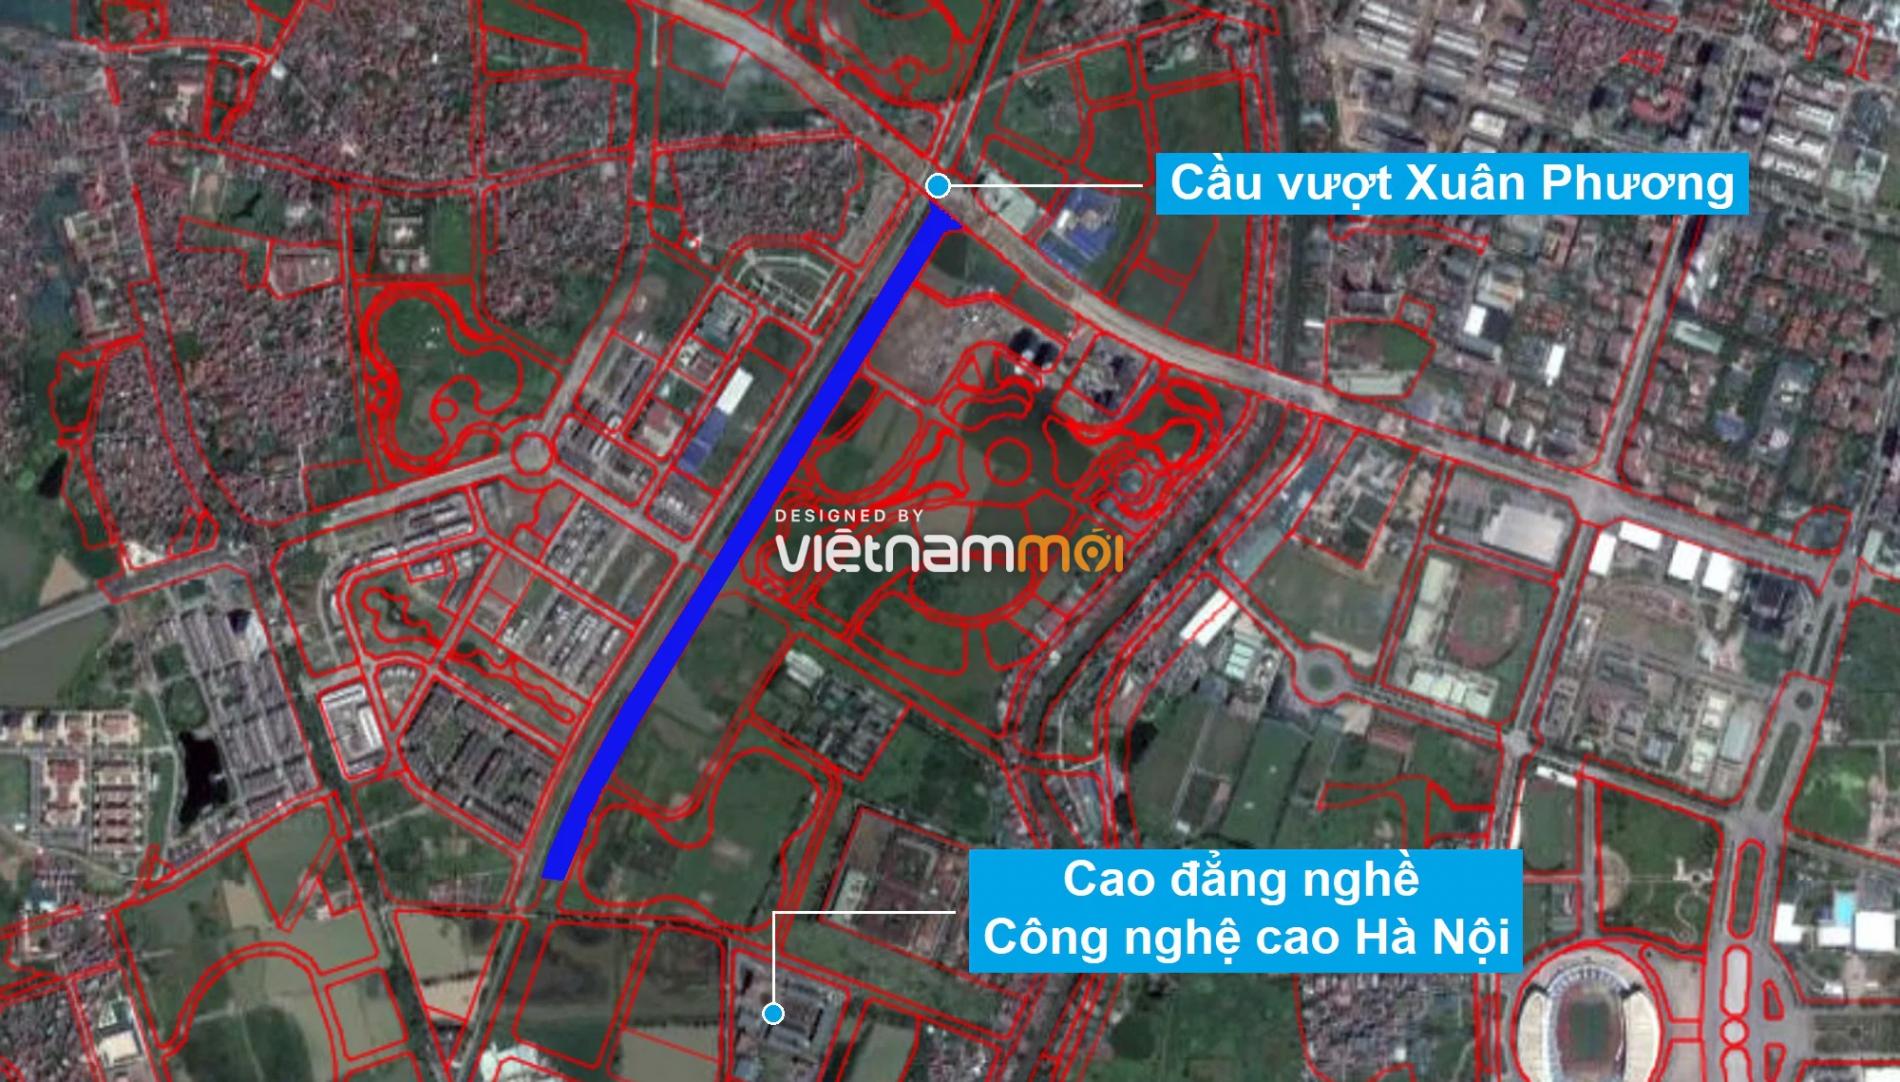 Những khu đất sắp thu hồi để mở đường ở phường Xuân Phương, Nam Từ Liêm, Hà Nội (phần 6) - Ảnh 2.